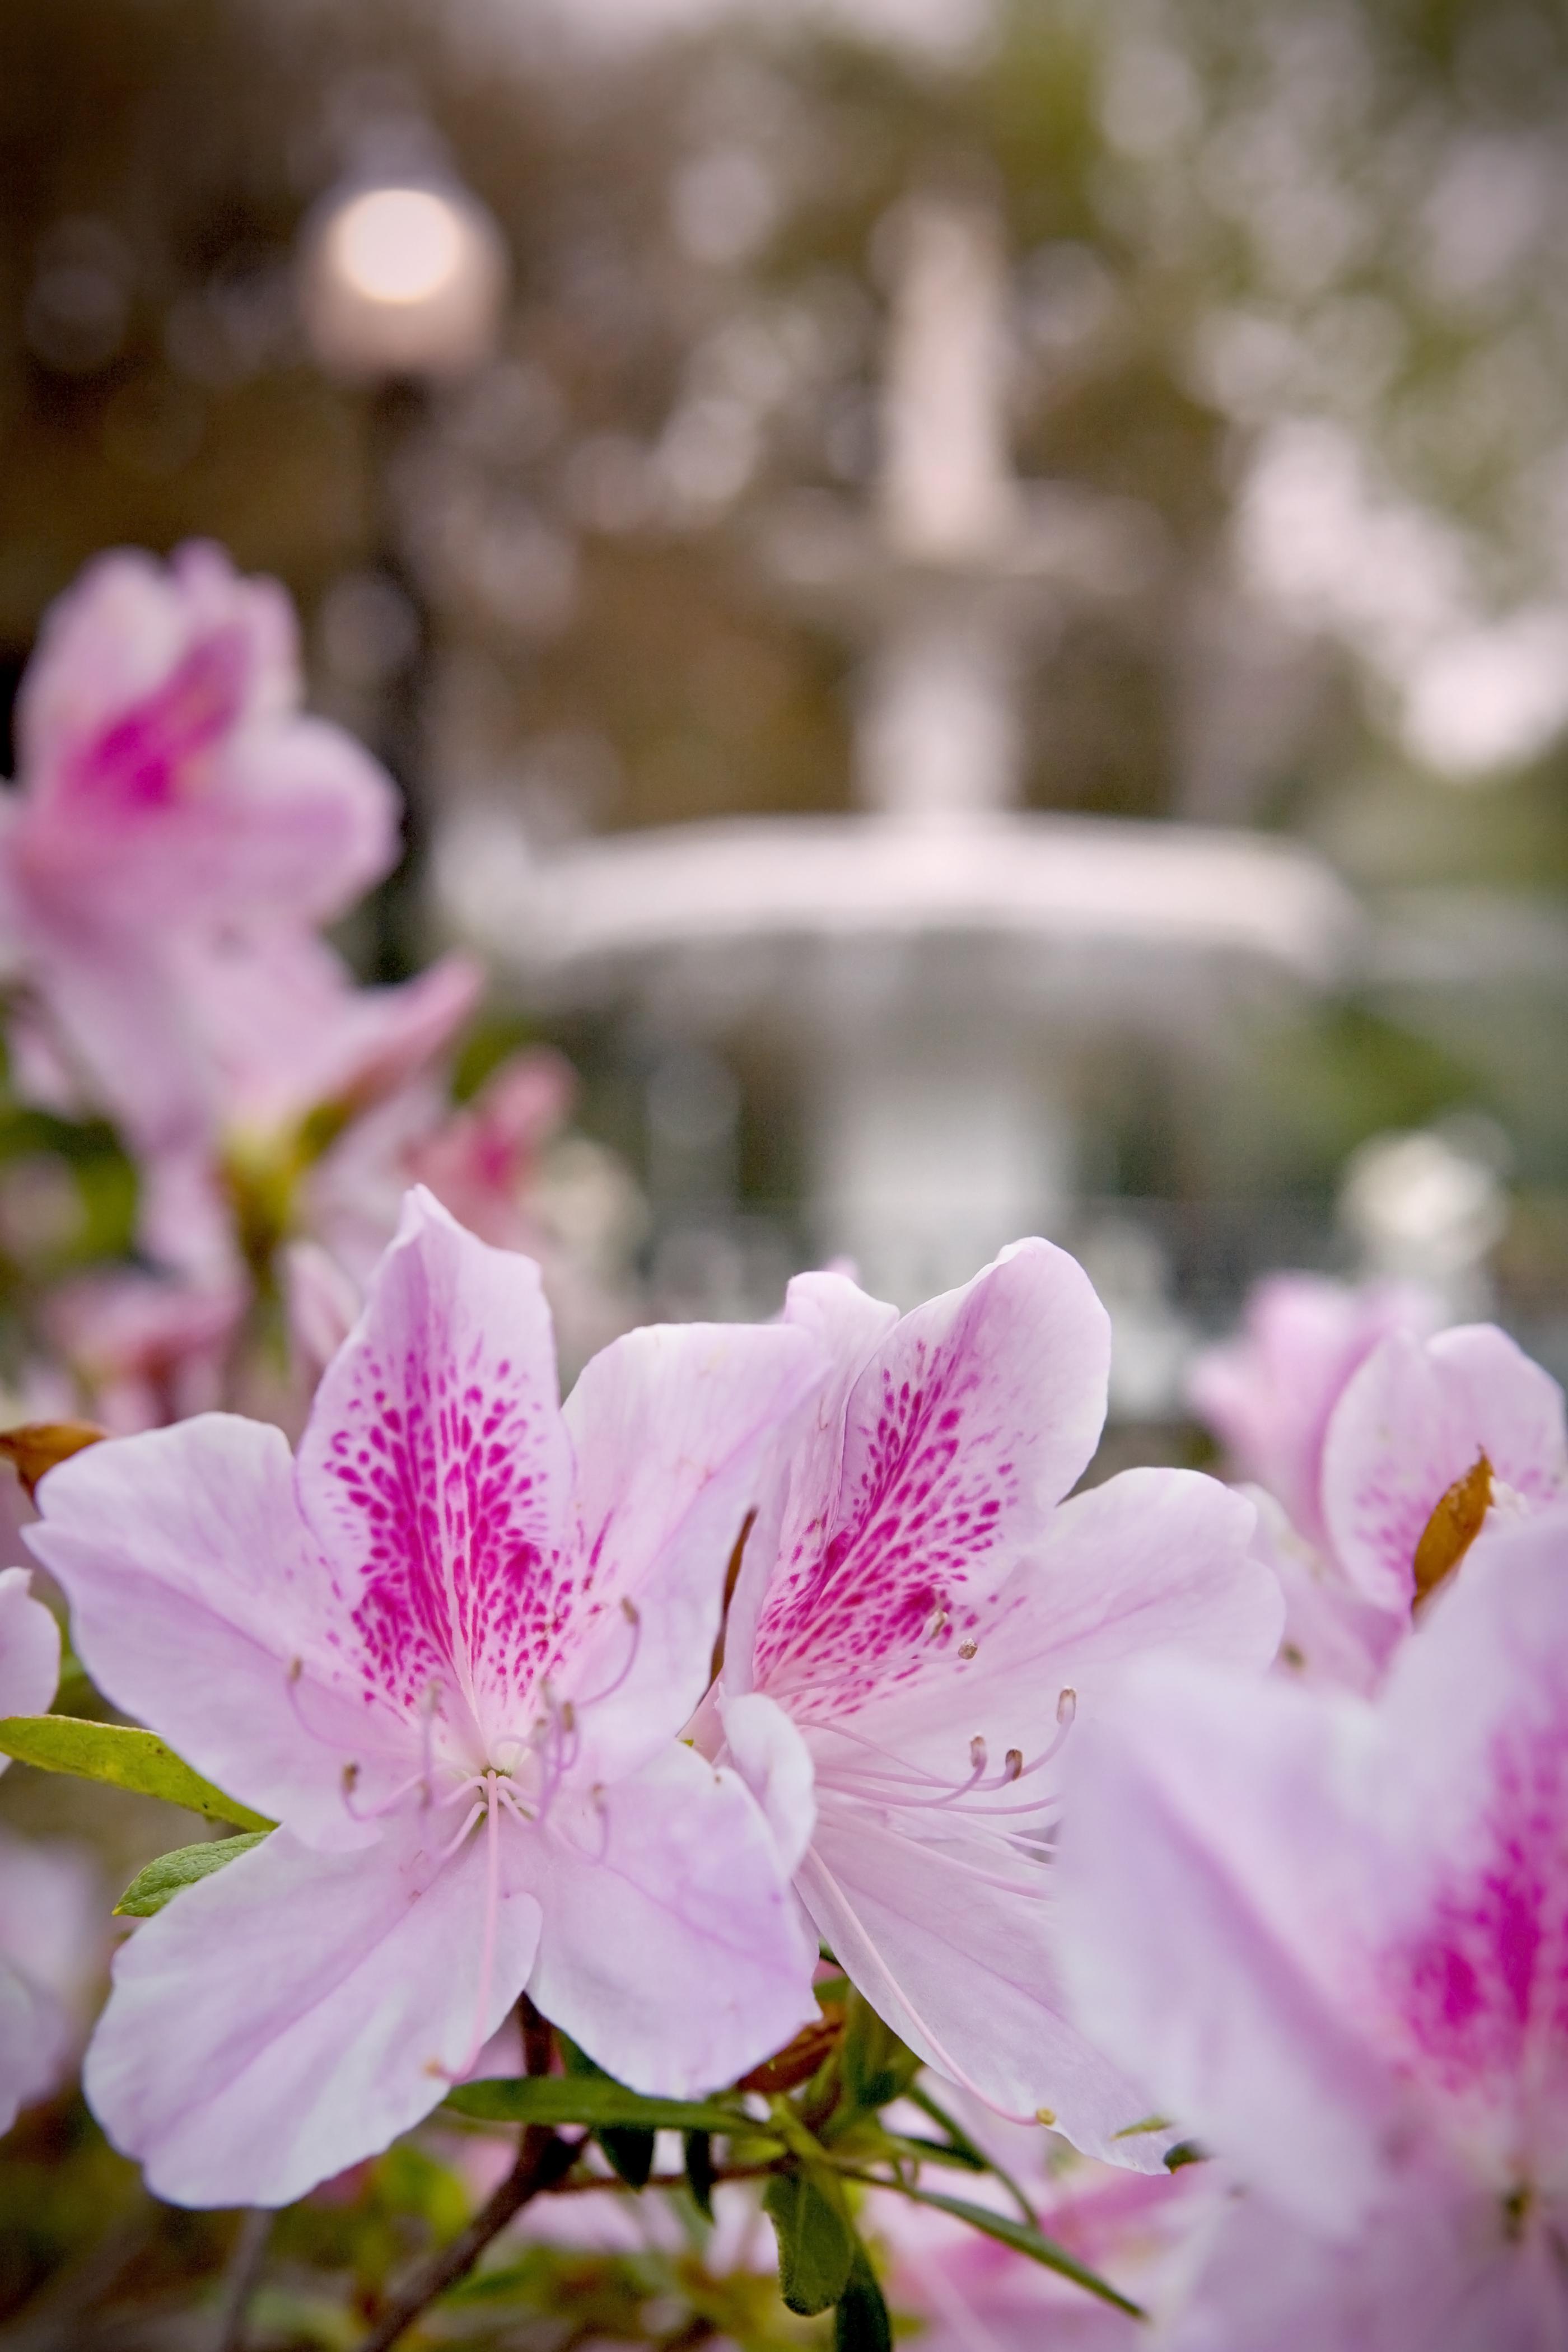 Savannah is famous for her azaleas